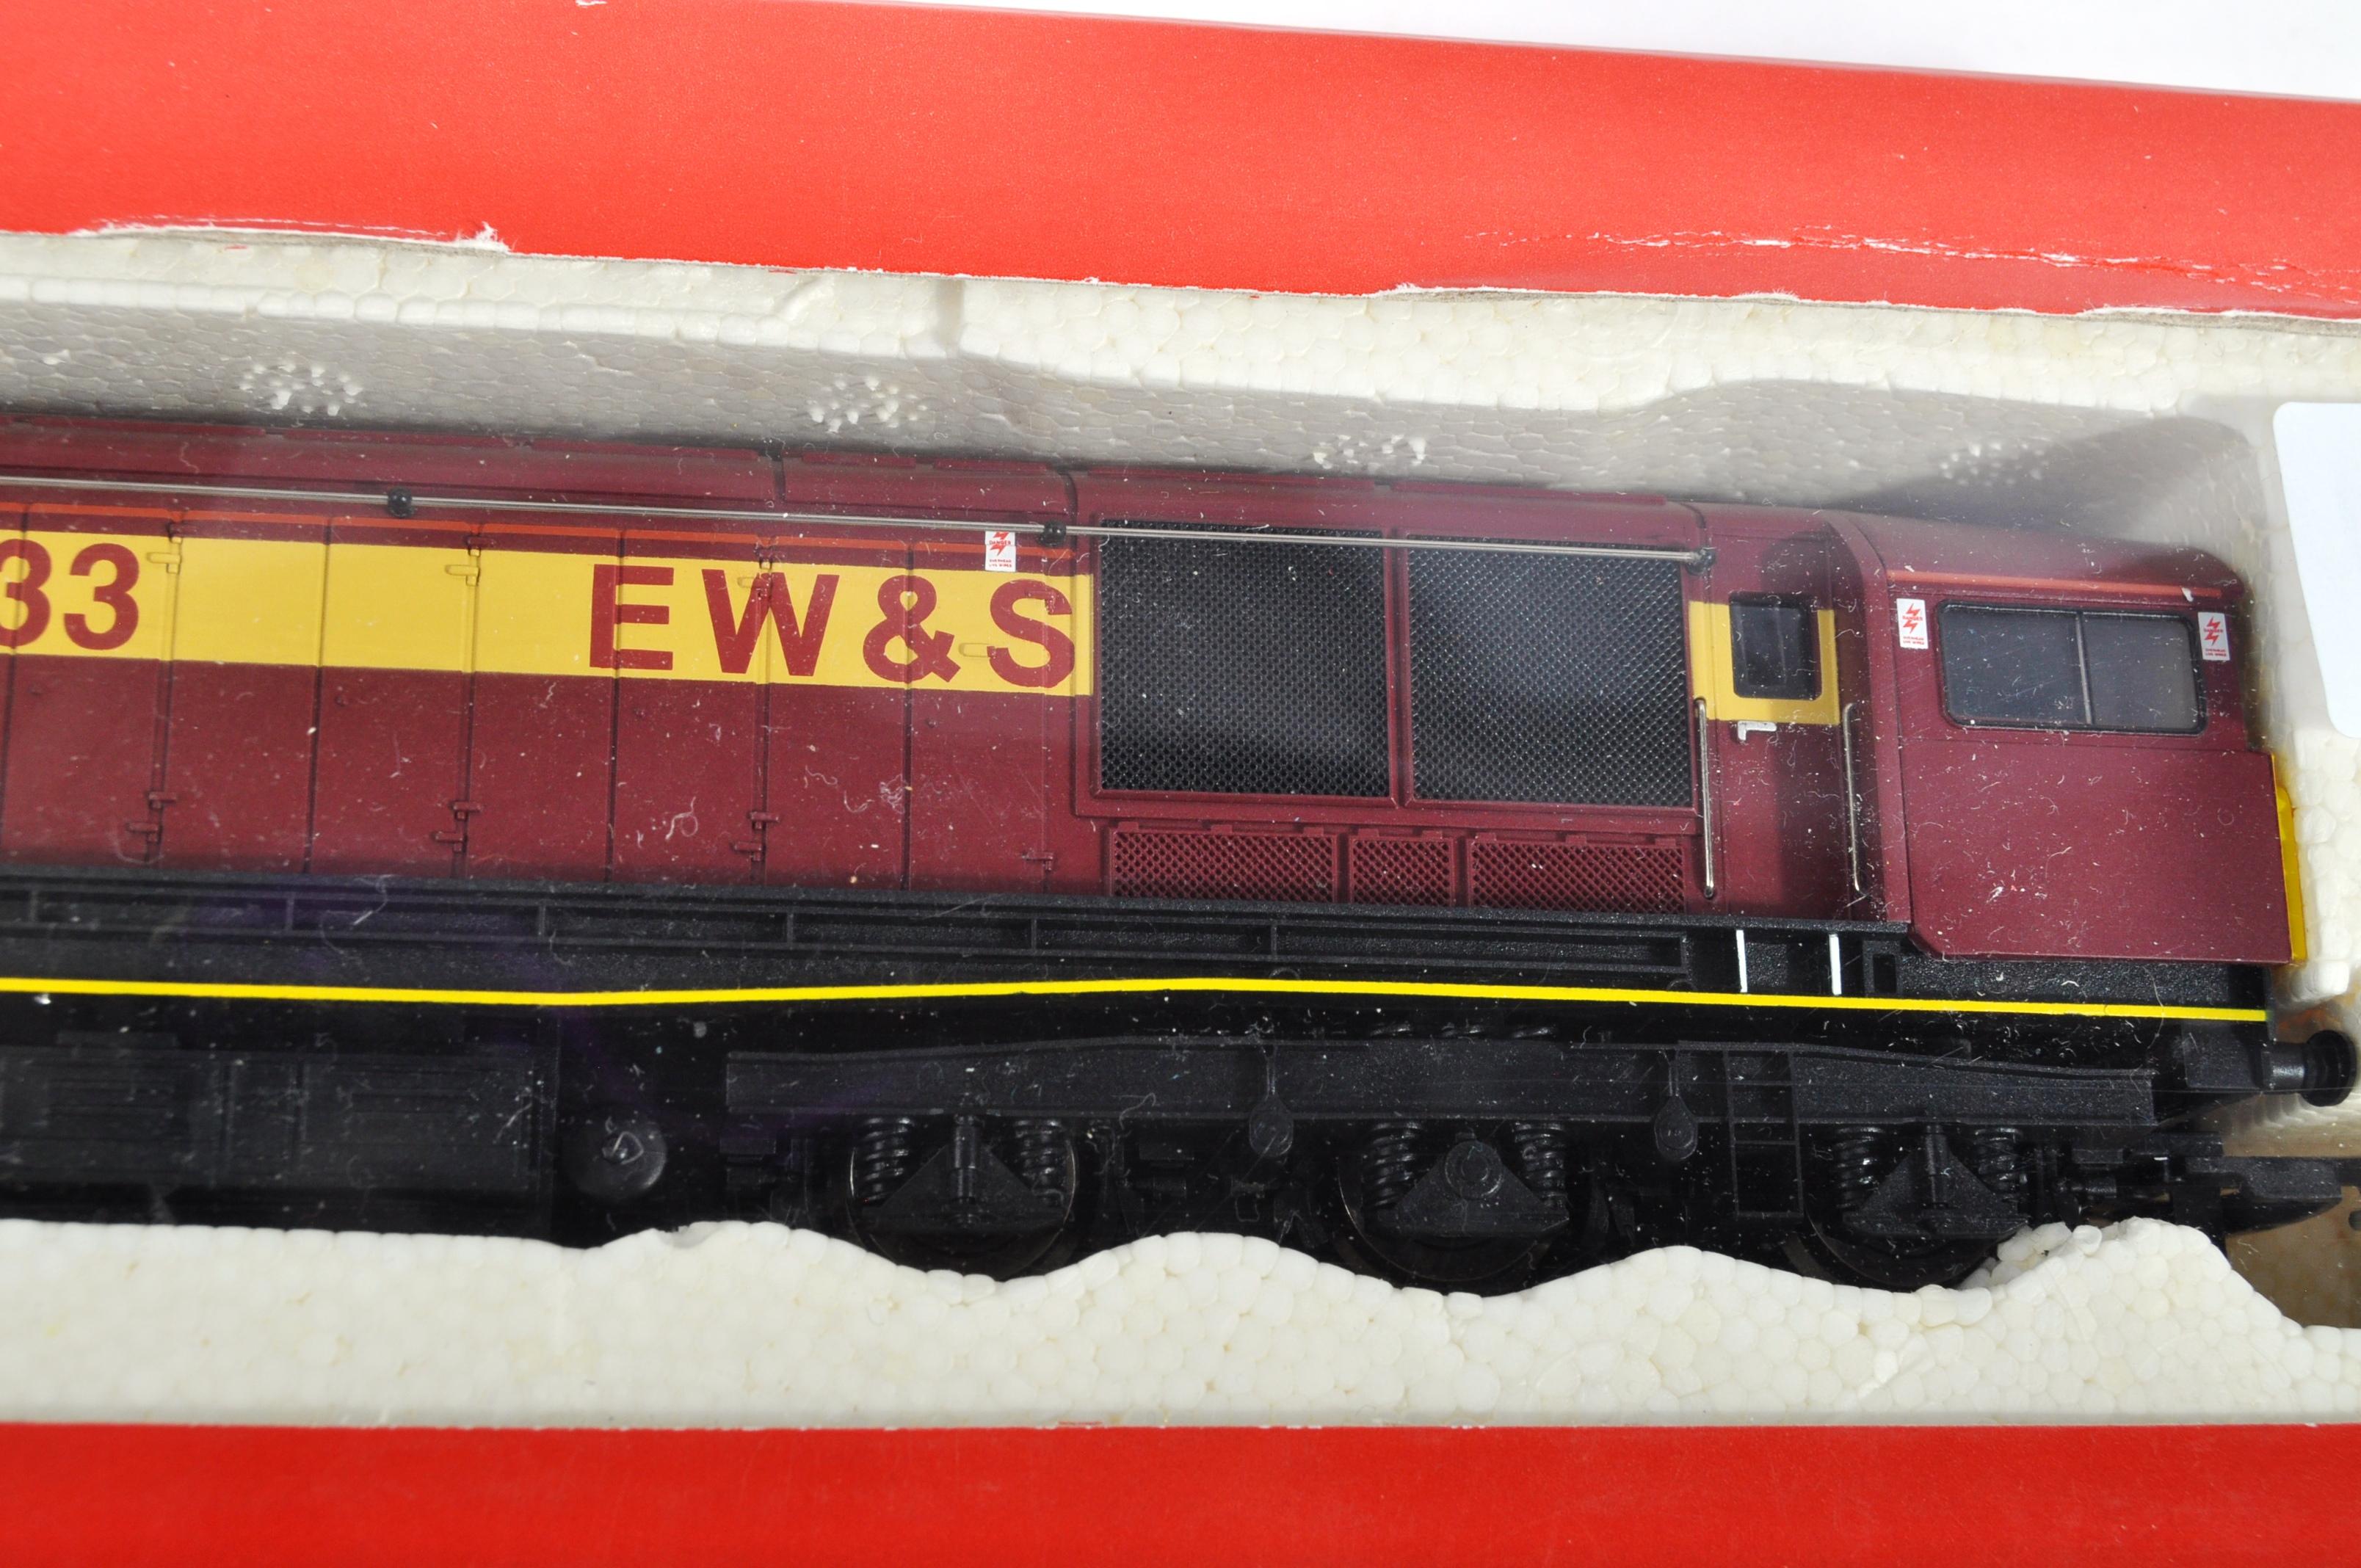 ORIGINAL HORNBY 00 GAUGE MODEL RAILWAY DIESEL ELECTRIC LOCO - Image 3 of 4